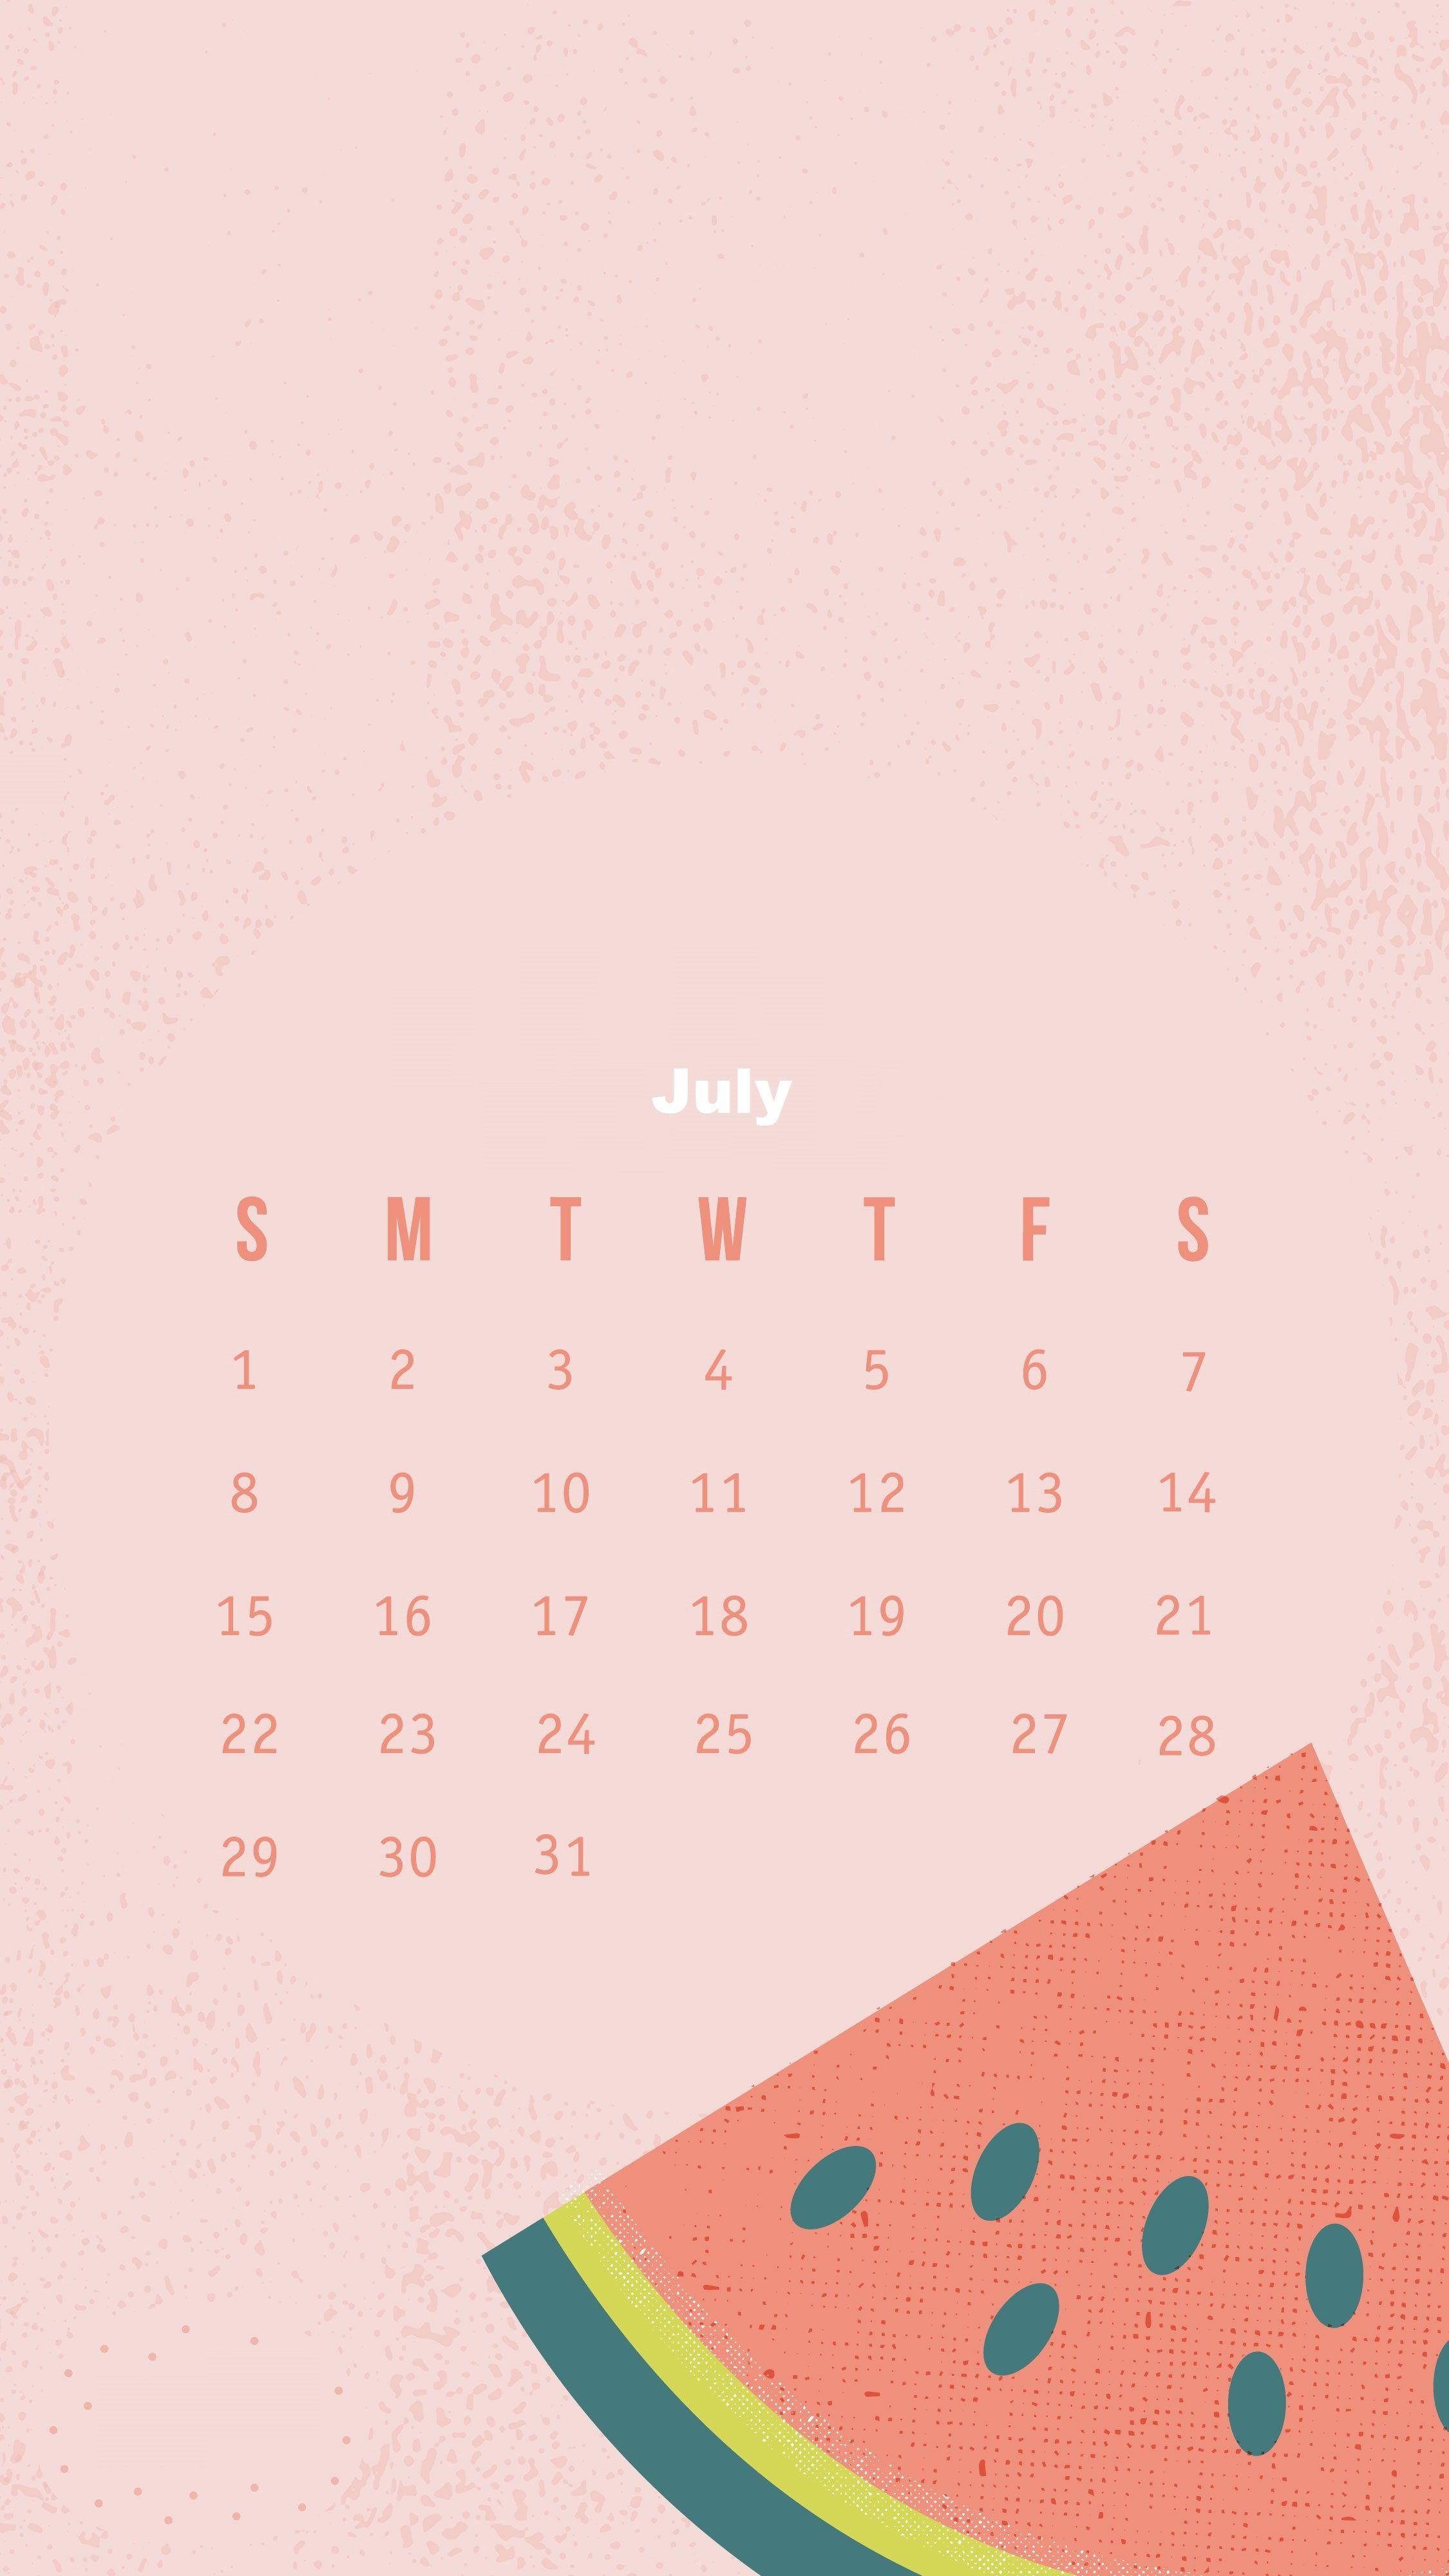 Calendar Iphone Wallpaper : July iphone calendar wallpapers